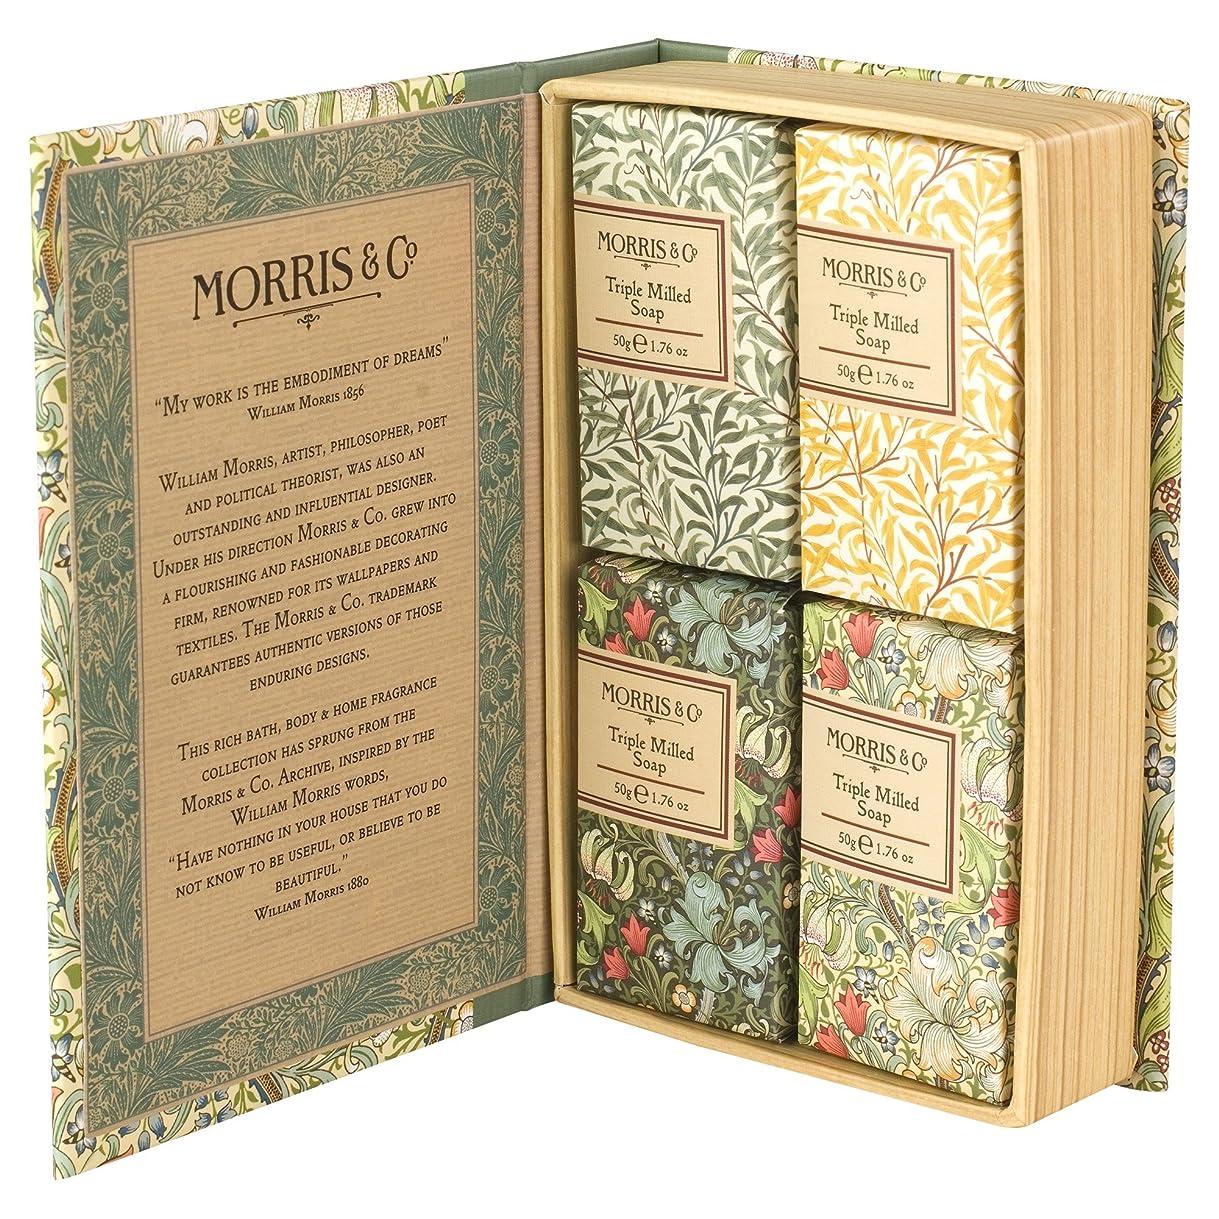 エクステントフロンティア書き込みヒースコート&アイボリーモリス&共同黄金ユリゲストソープセット200グラム (Heathcote) (x2) - Heathcote & Ivory Morris & Co Golden Lily Guest Soap Set 200g (Pack of 2) [並行輸入品]